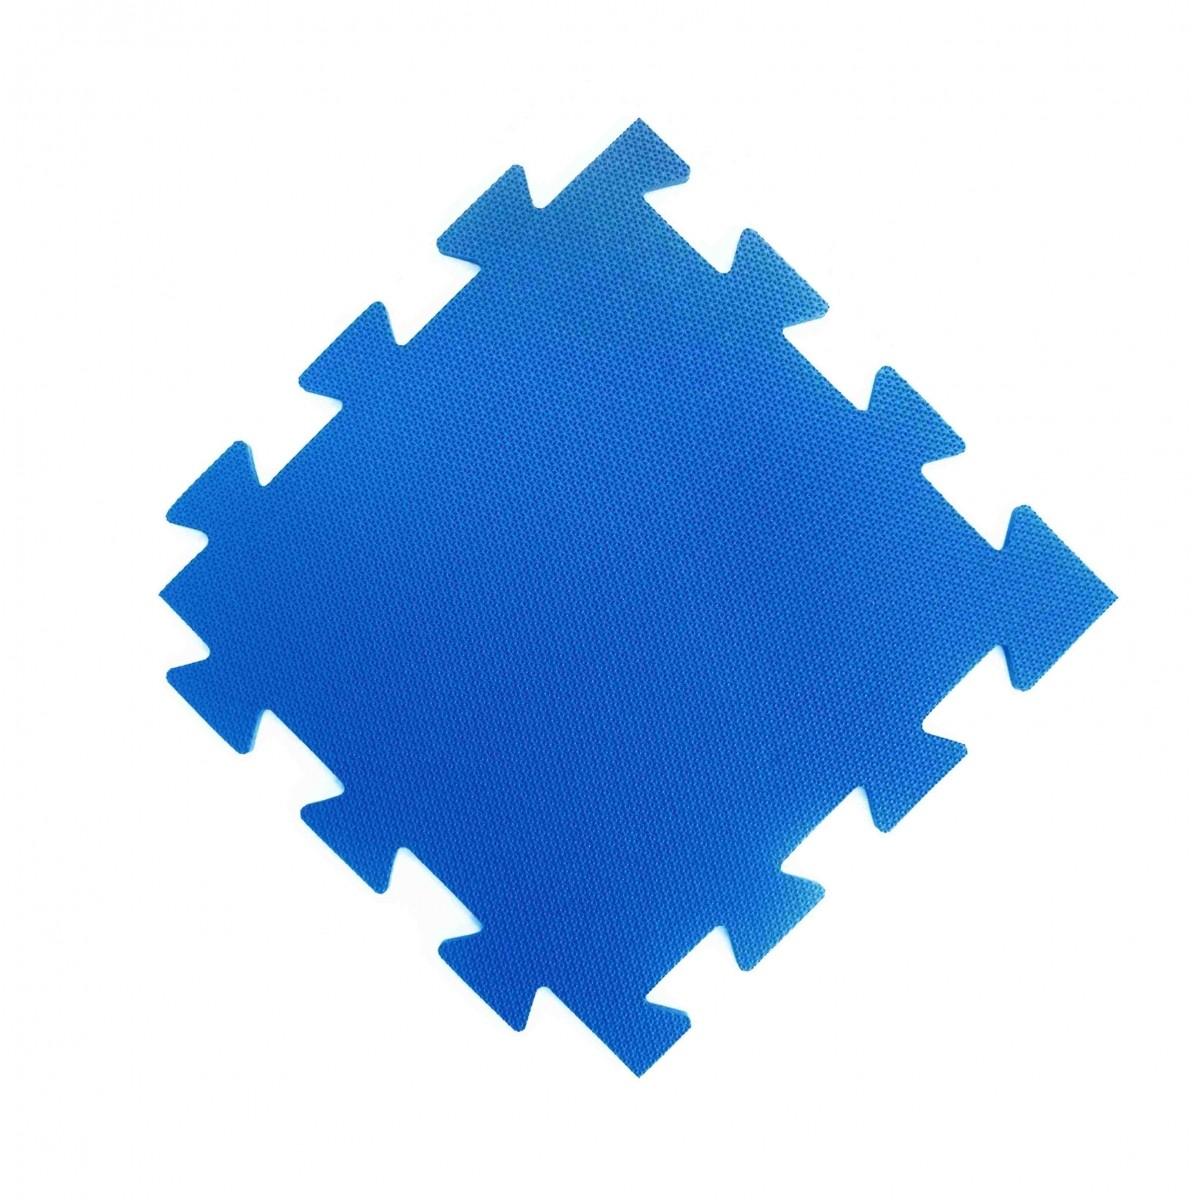 Tatame 50x50cm Com 20mm de Espessura   Azul Royal  -